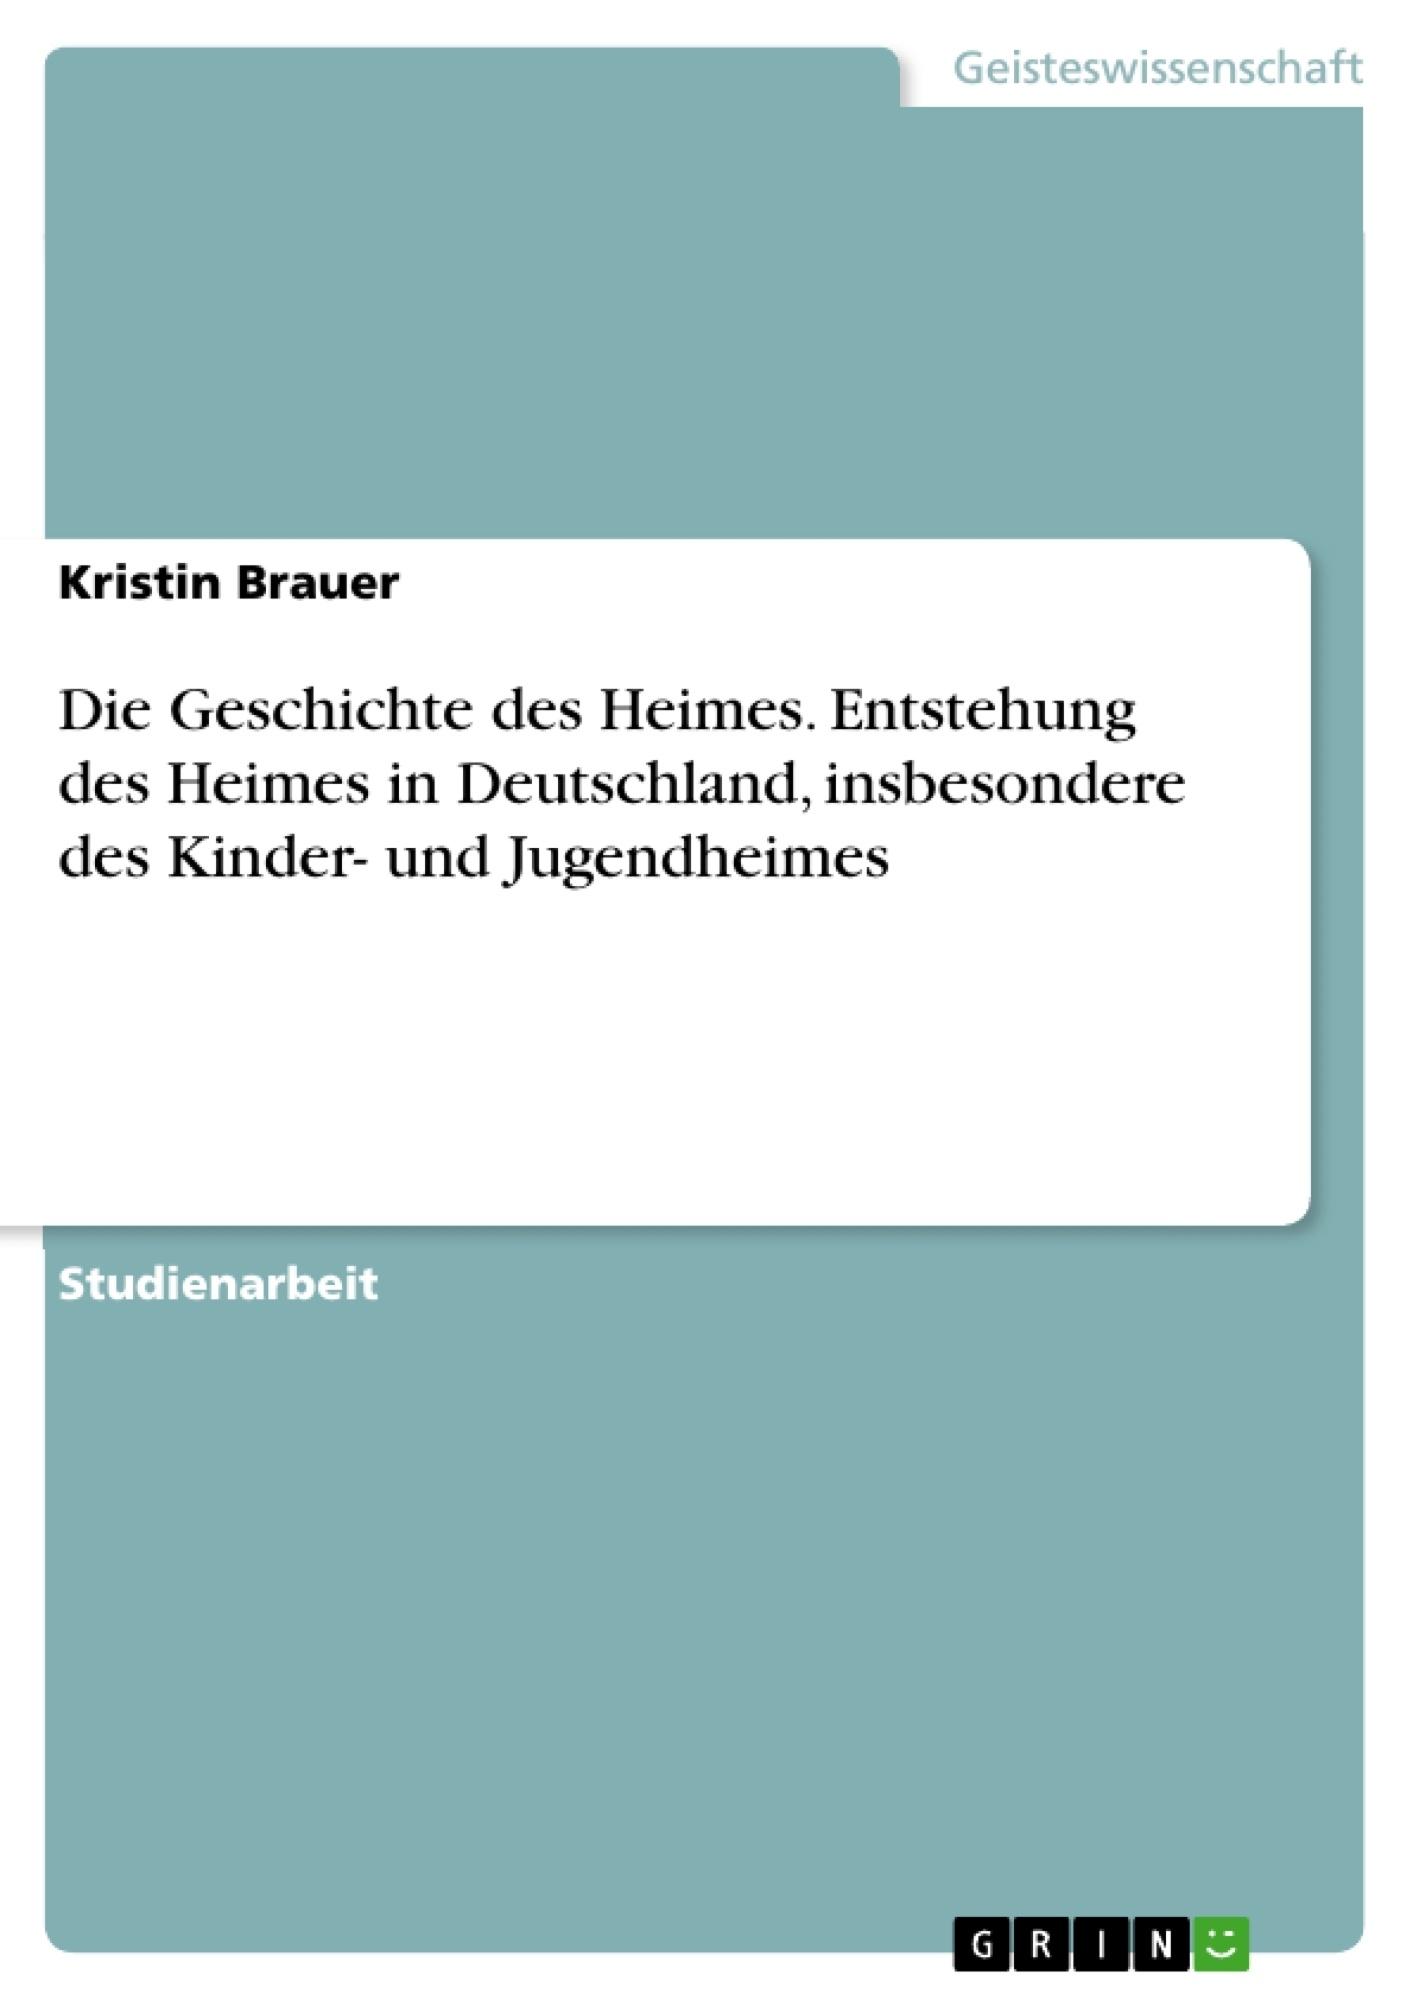 Titel: Die Geschichte des Heimes. Entstehung des Heimes in Deutschland, insbesondere des Kinder- und Jugendheimes